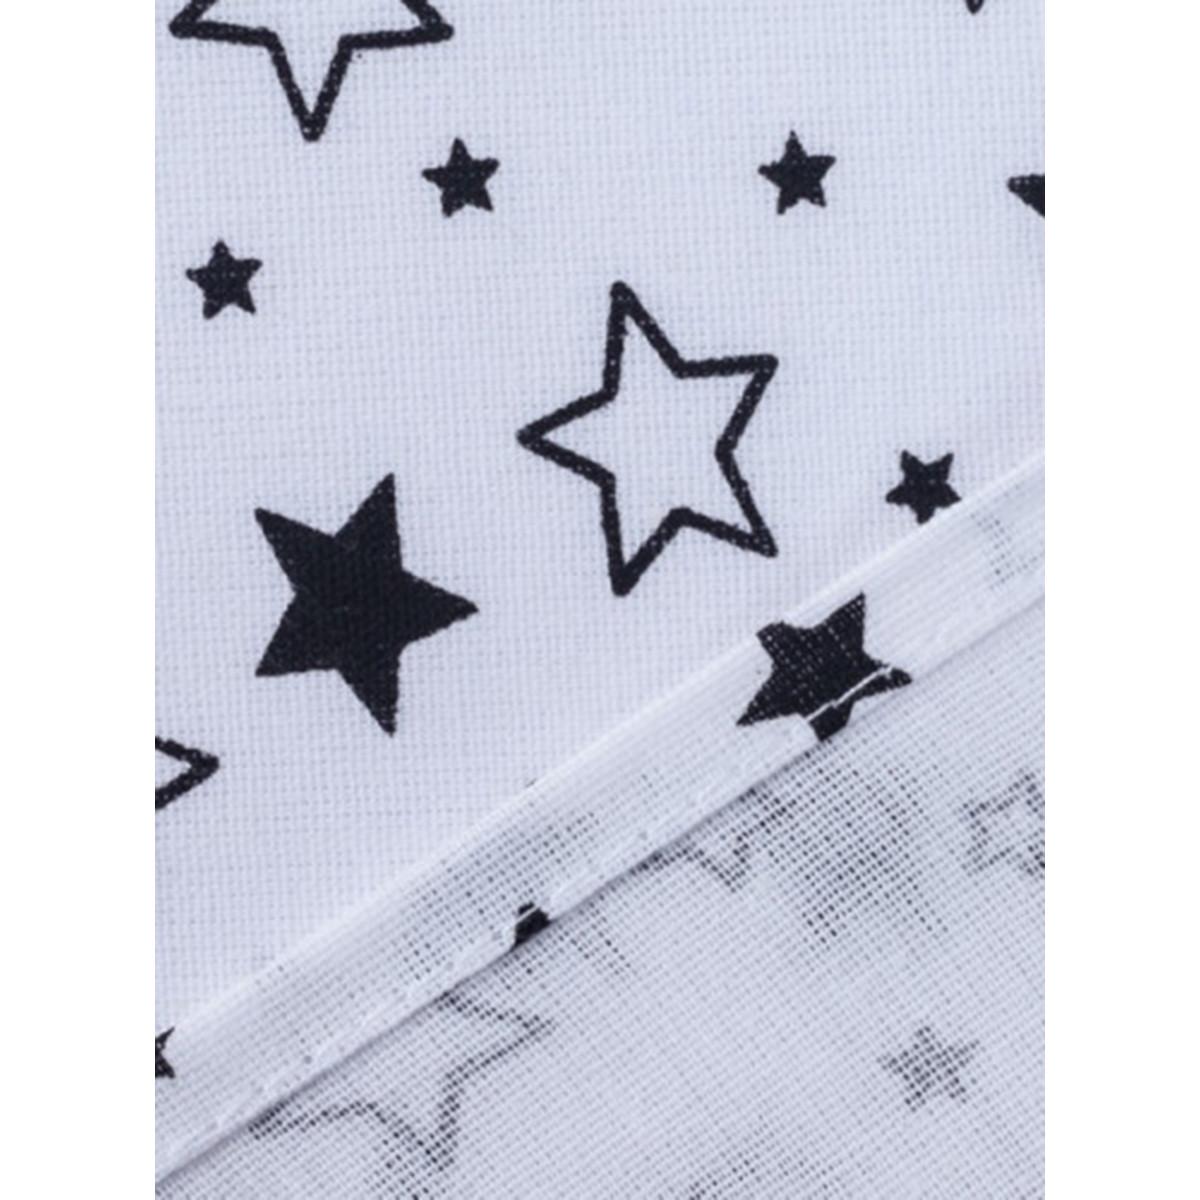 Комплект Постельного Белья Текстильная Лавка Звезды Бязь 3 Предмета